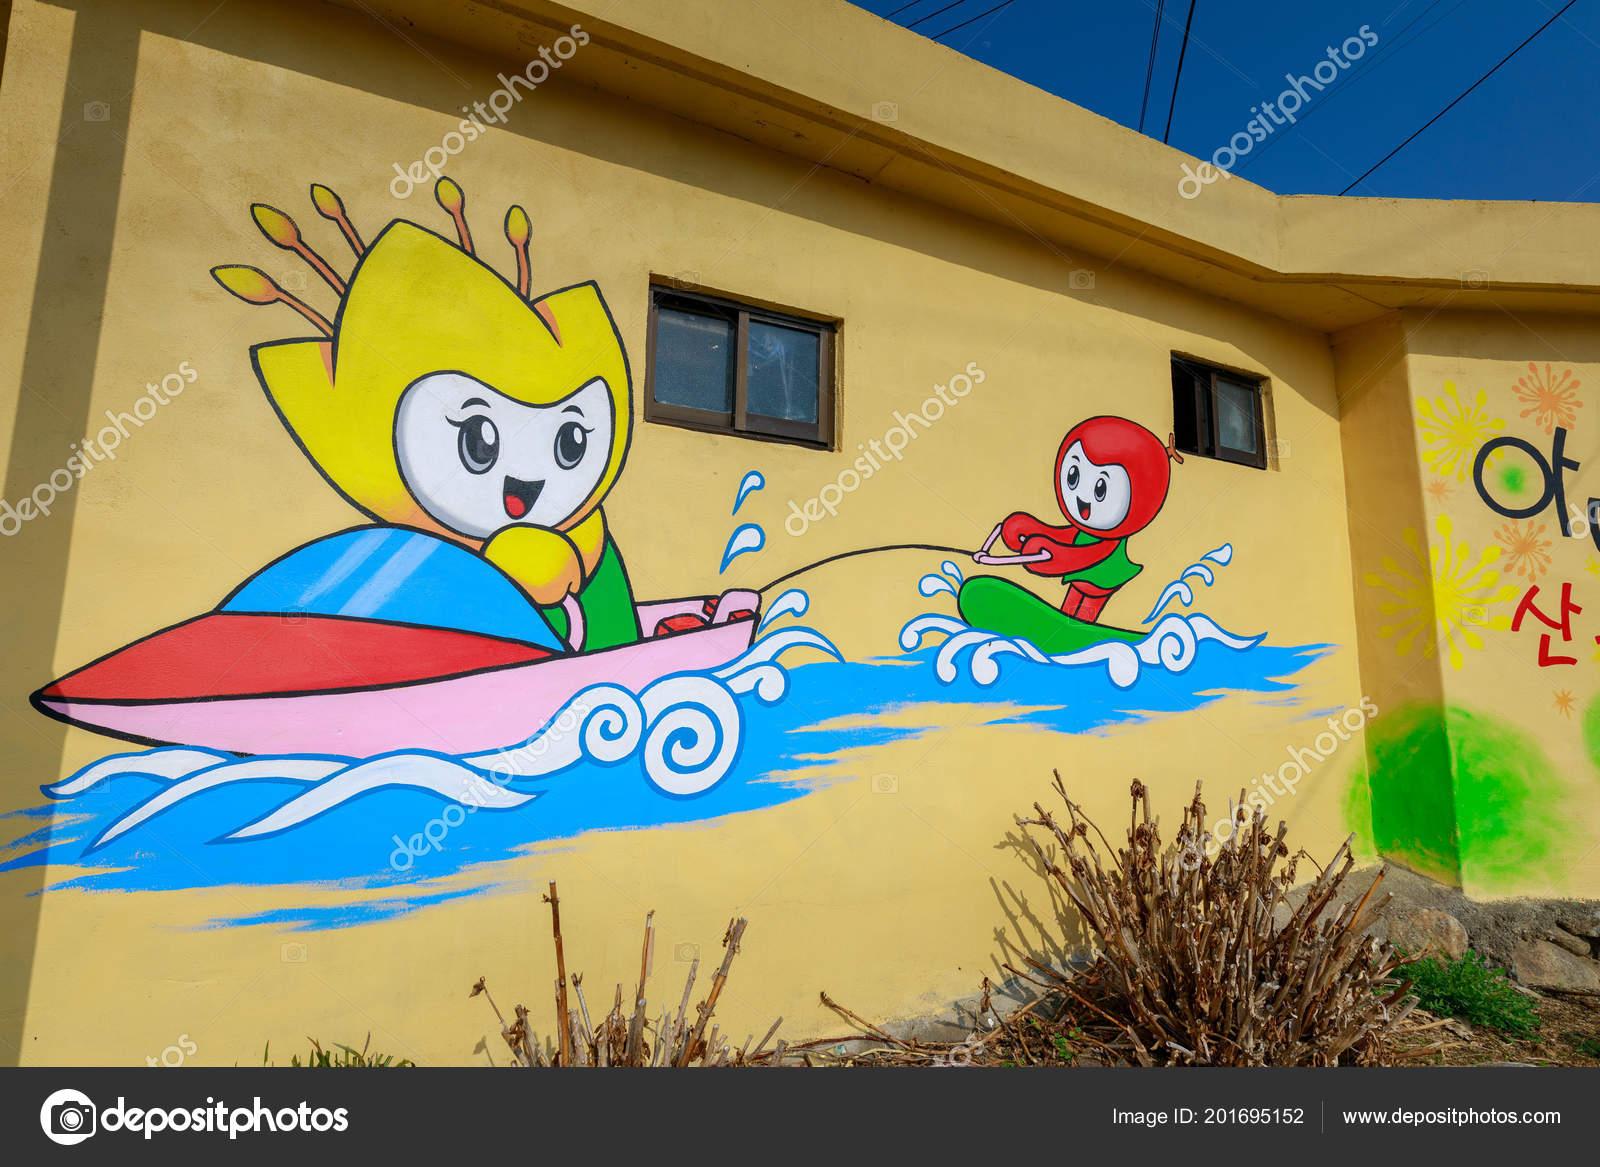 Gurye South Korea March 2018 Painted Wall Graffiti Art Street ...